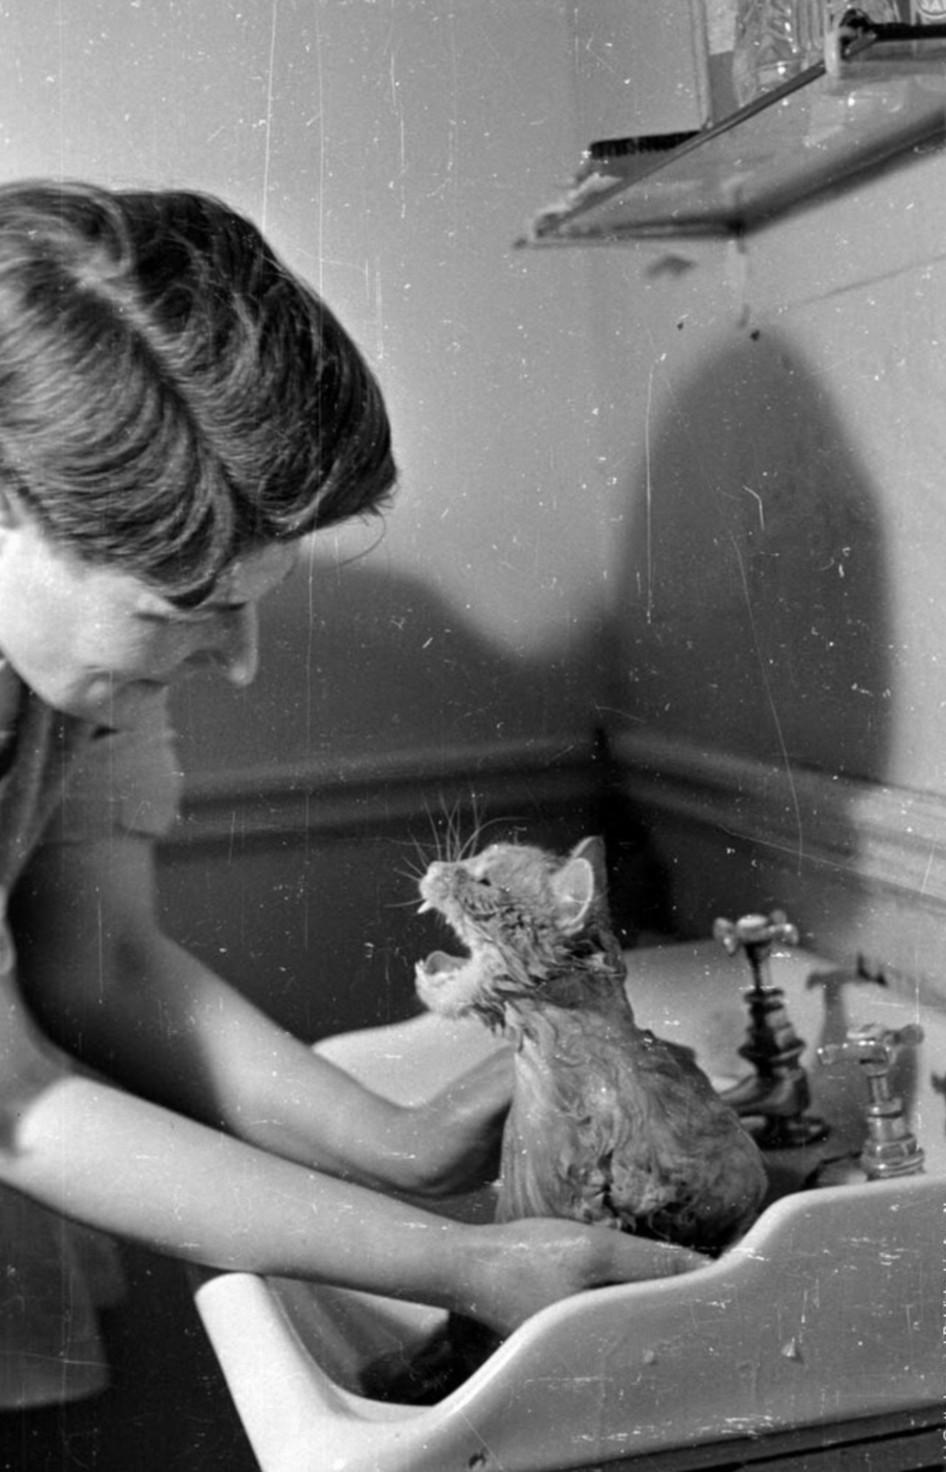 Купание кота. Автор Курт Хаттон